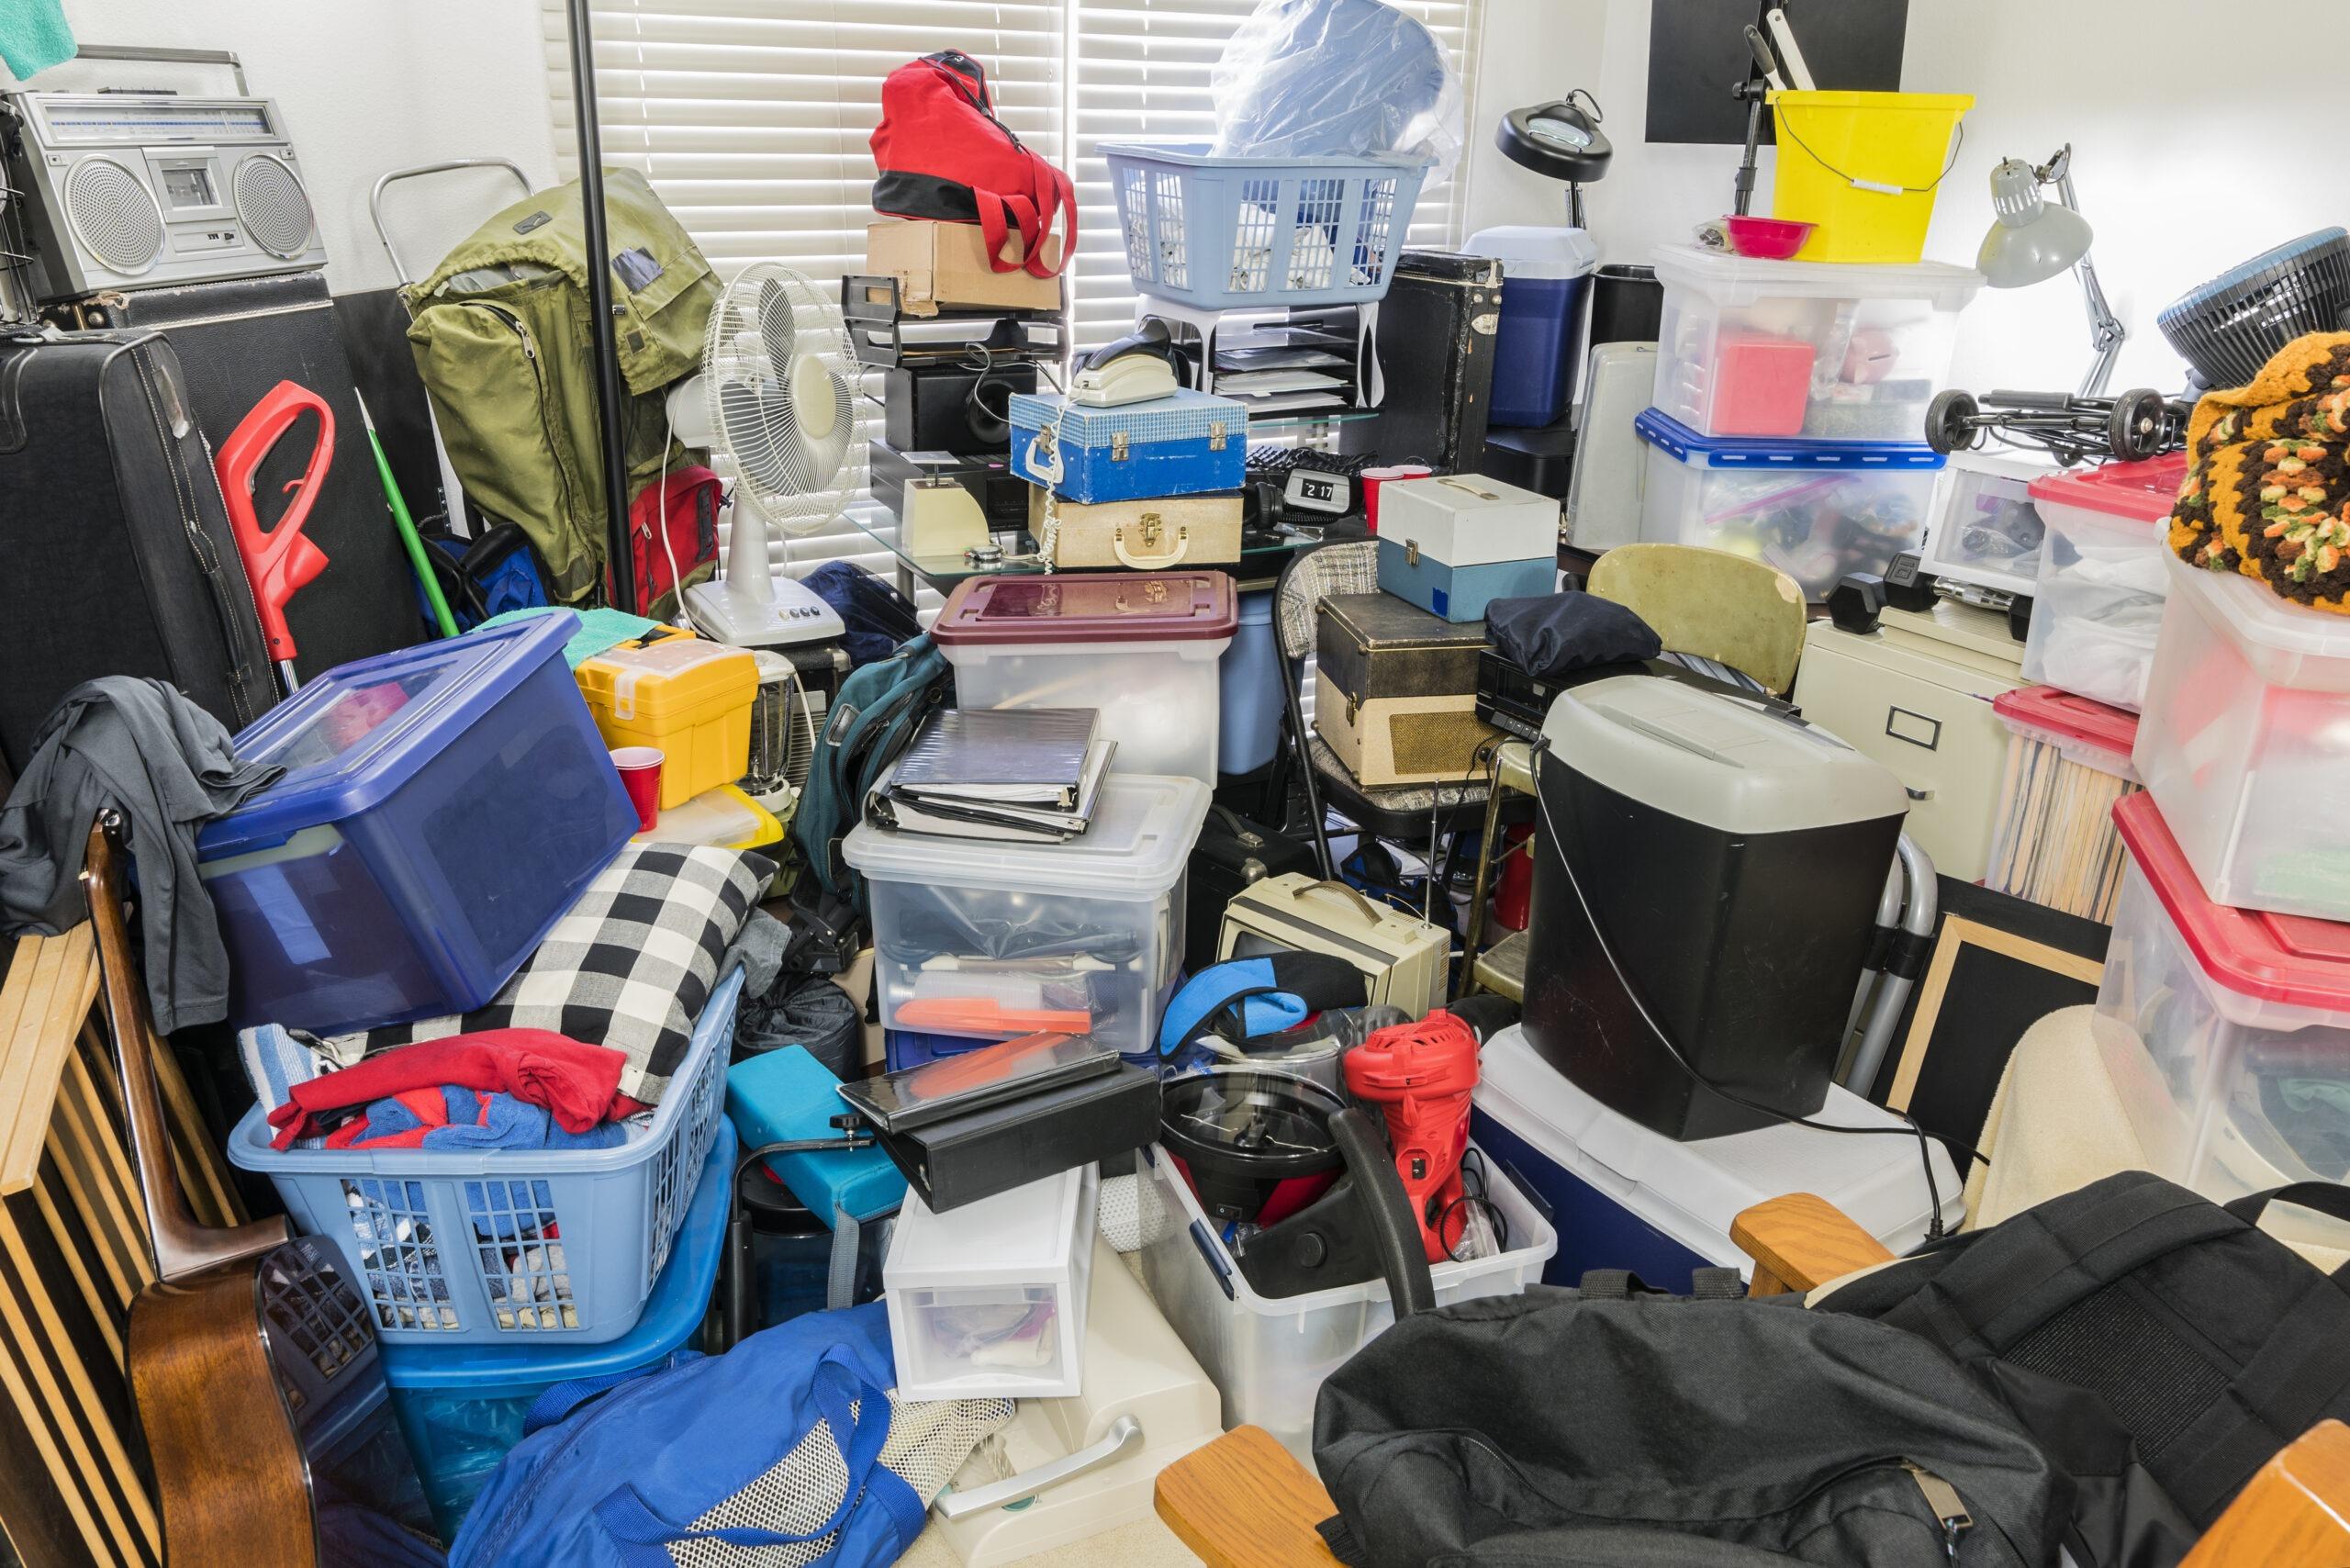 Pomieszczenie wypełnione pudłami, elektroniką oraz artykułami biurowymi